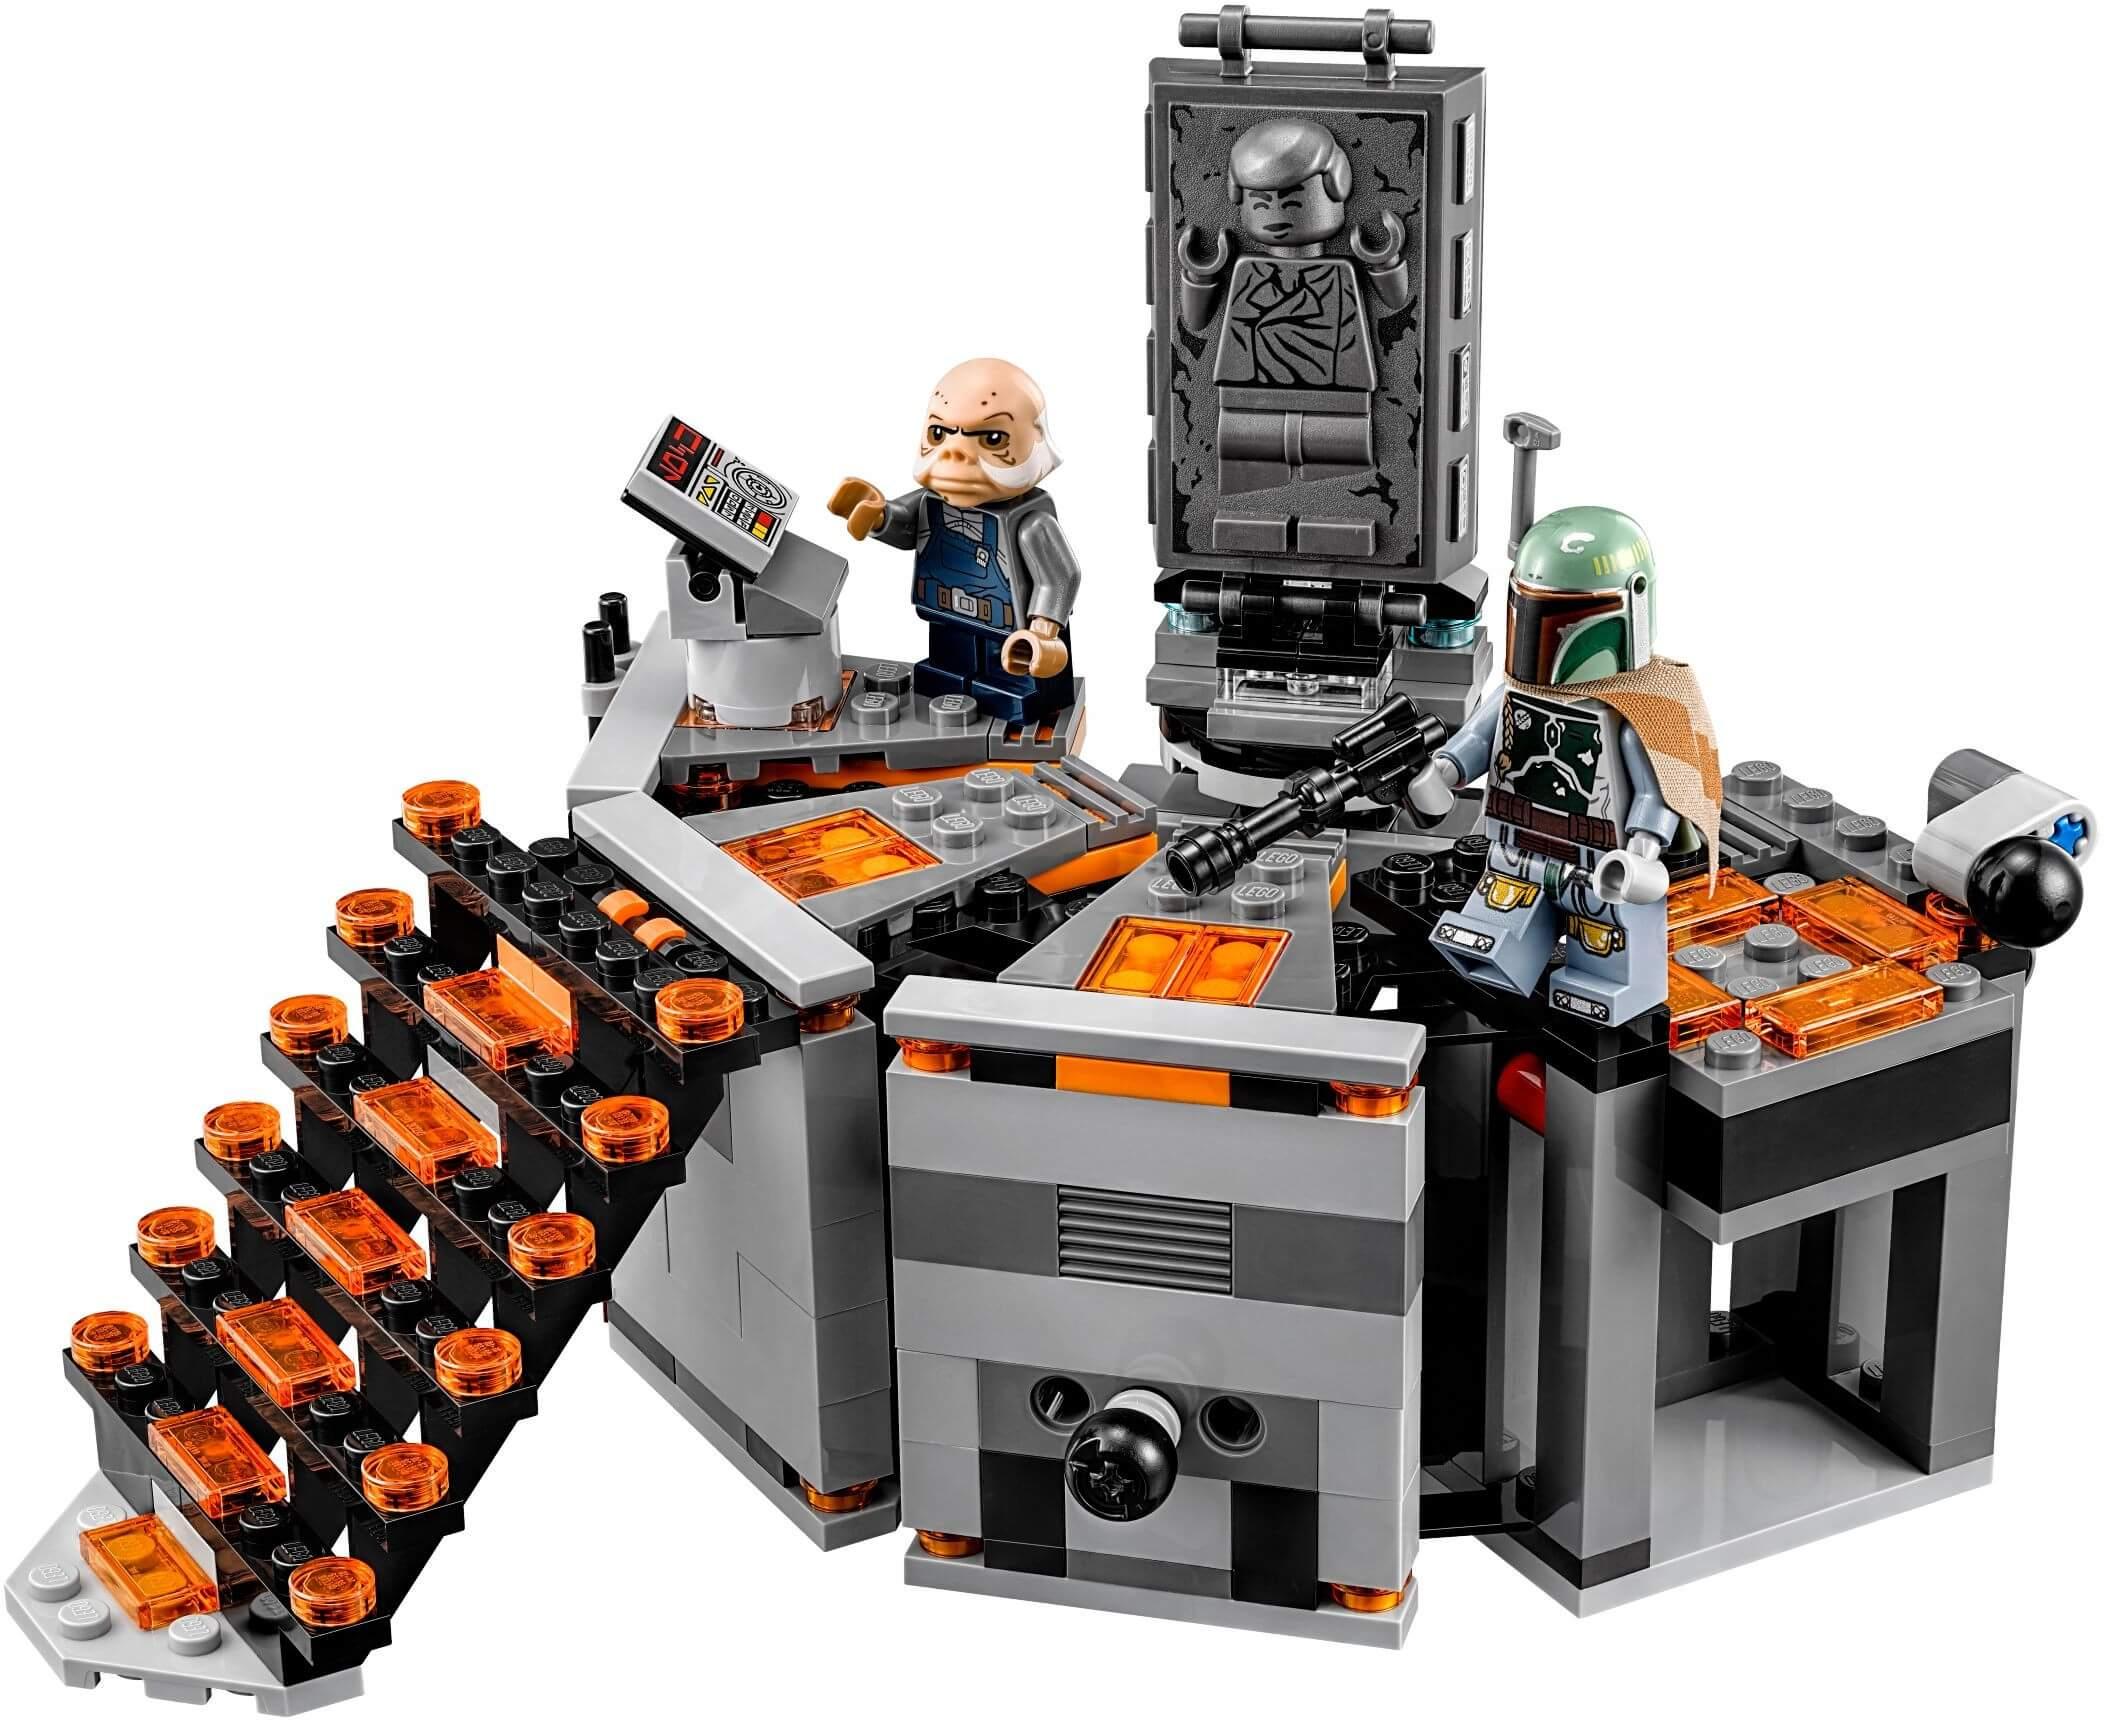 Mua đồ chơi LEGO 75137 - LEGO Star Wars 75137 - Han Solo bị Đóng Băng (LEGO Star Wars Carbon-Freezing Chamber 75137)